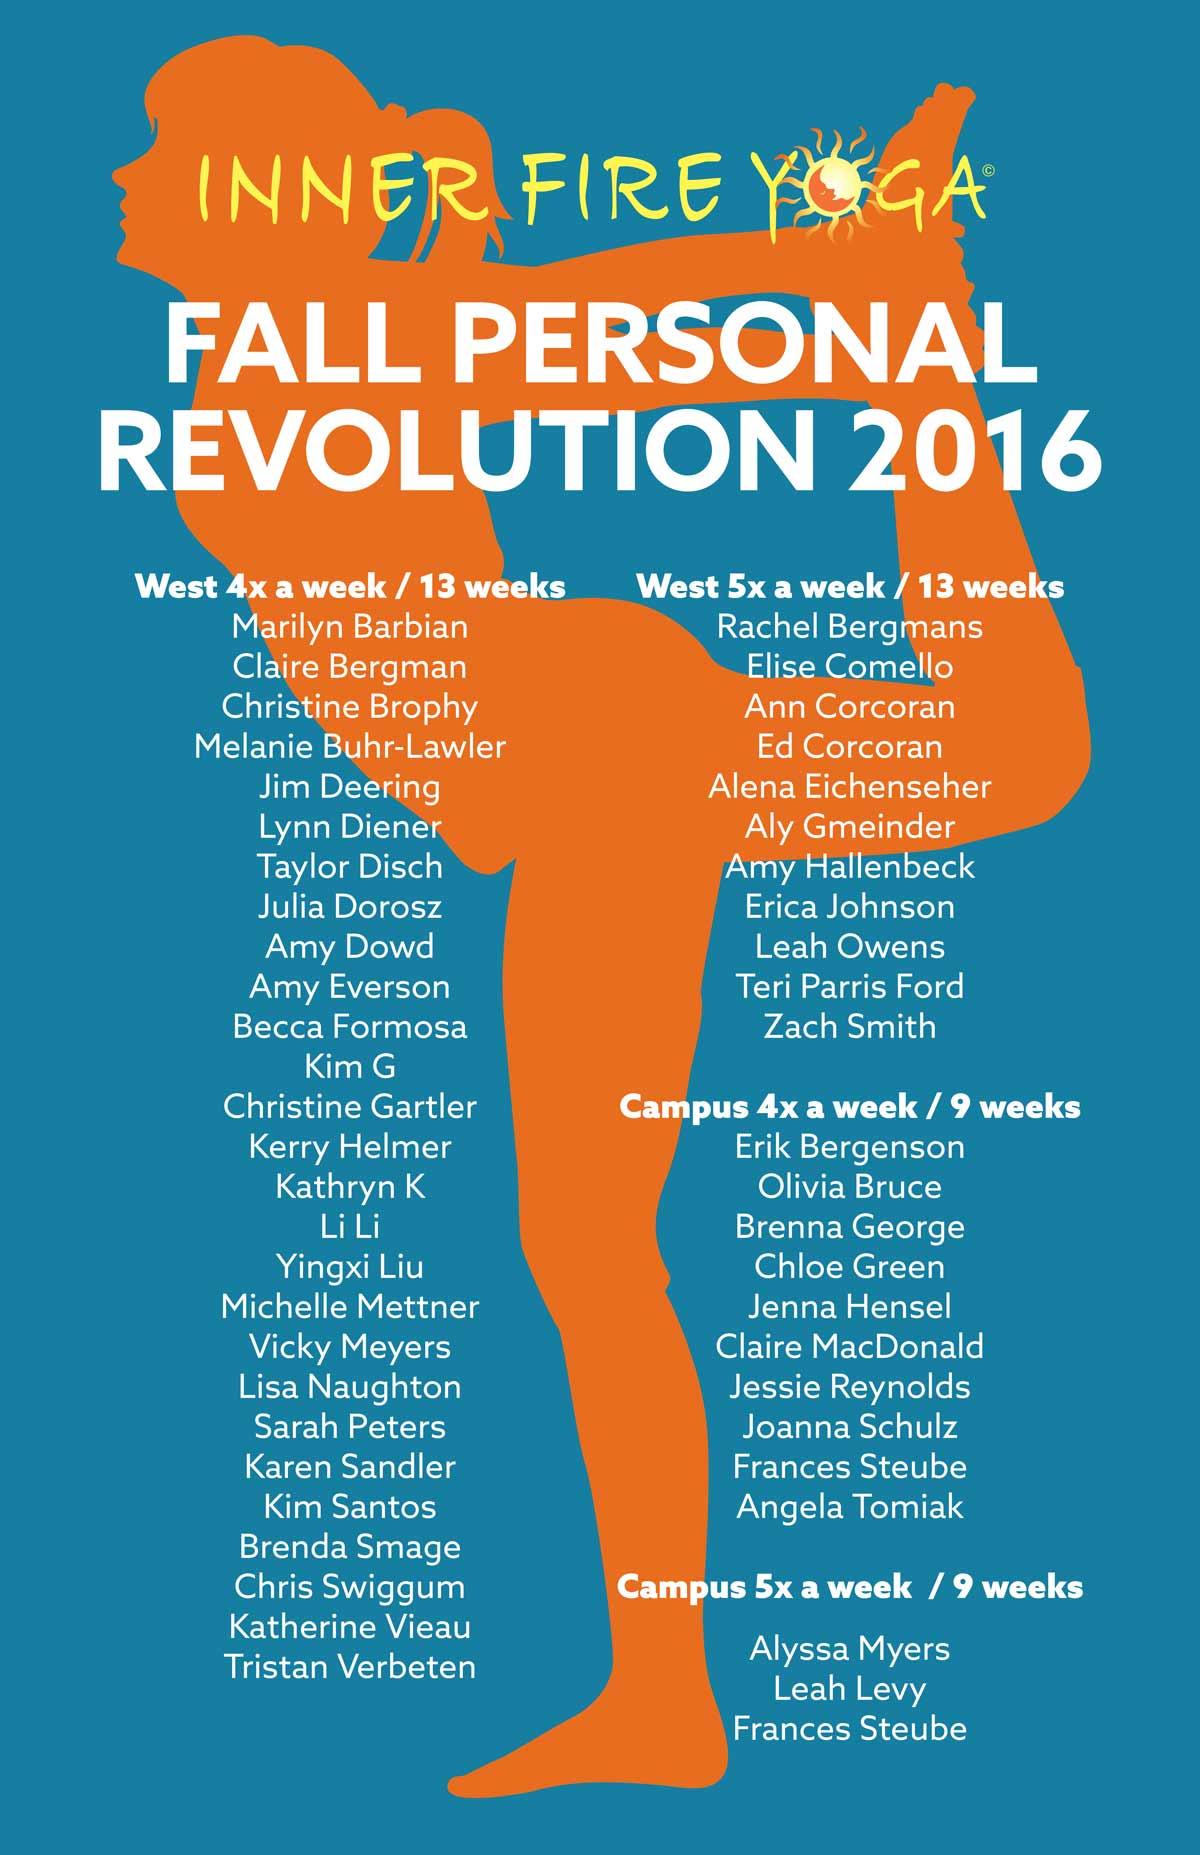 16-12-21-fall-revolution-wall-poster.jpg